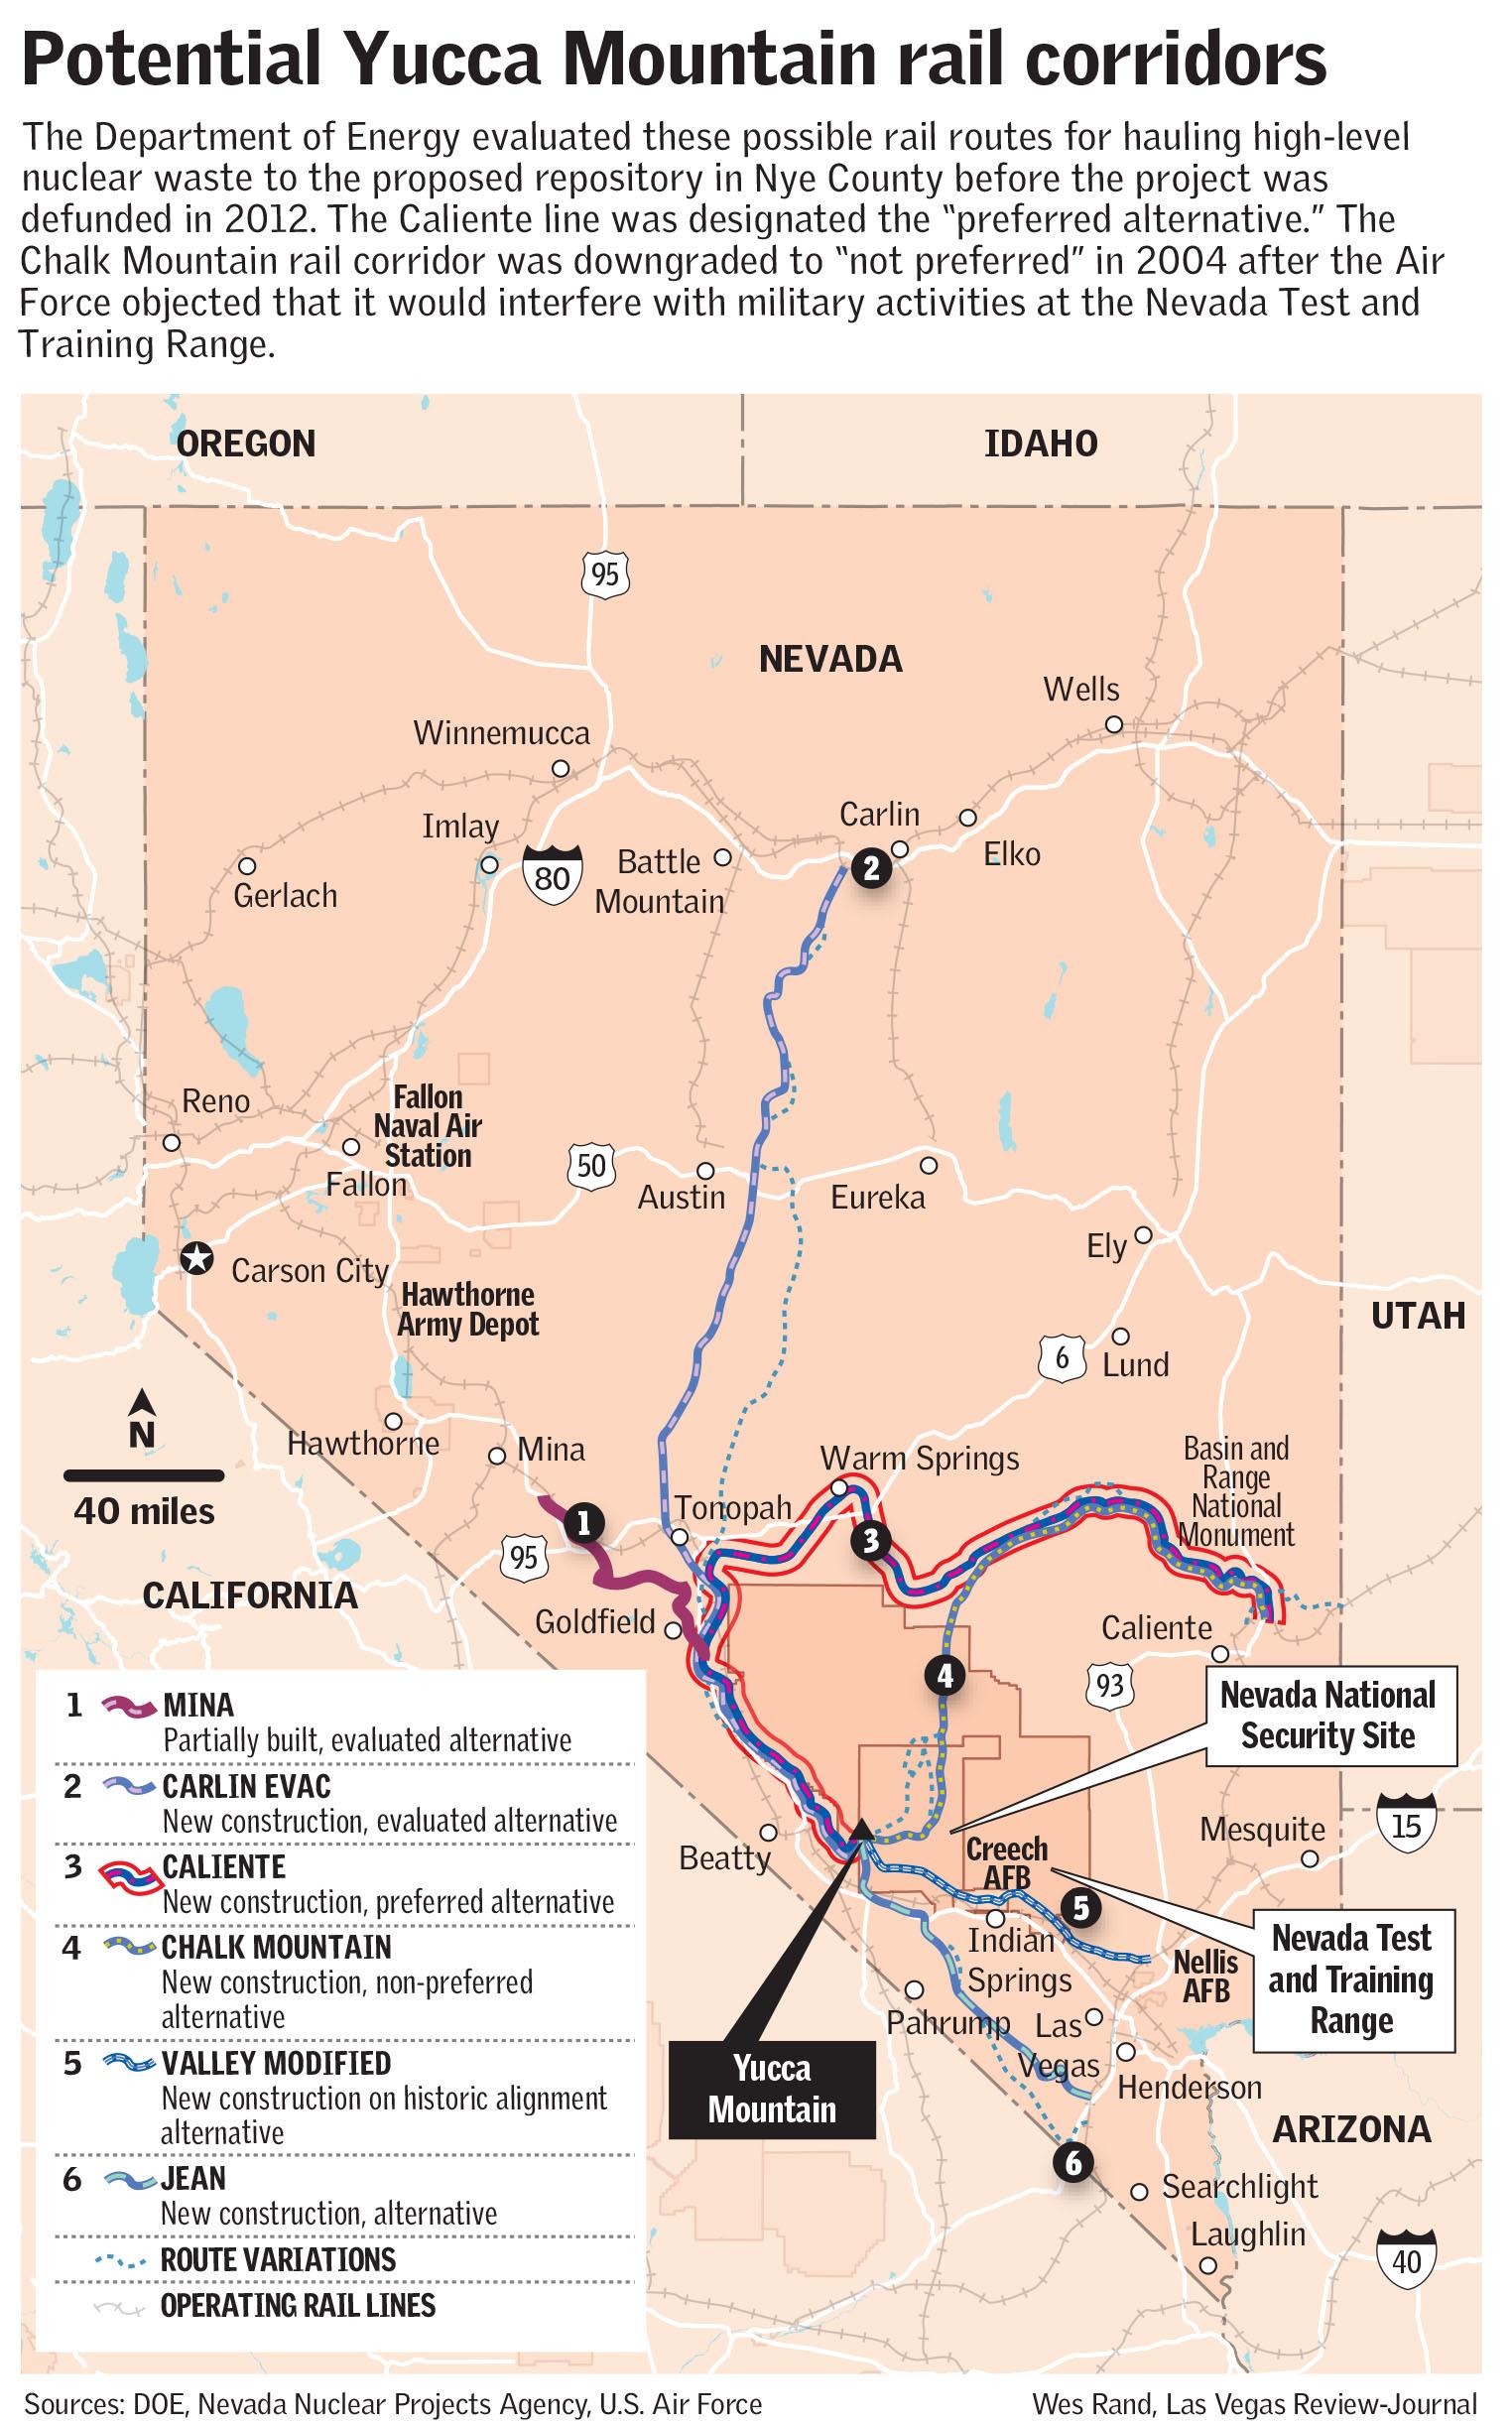 Yucca Mountain rail routes